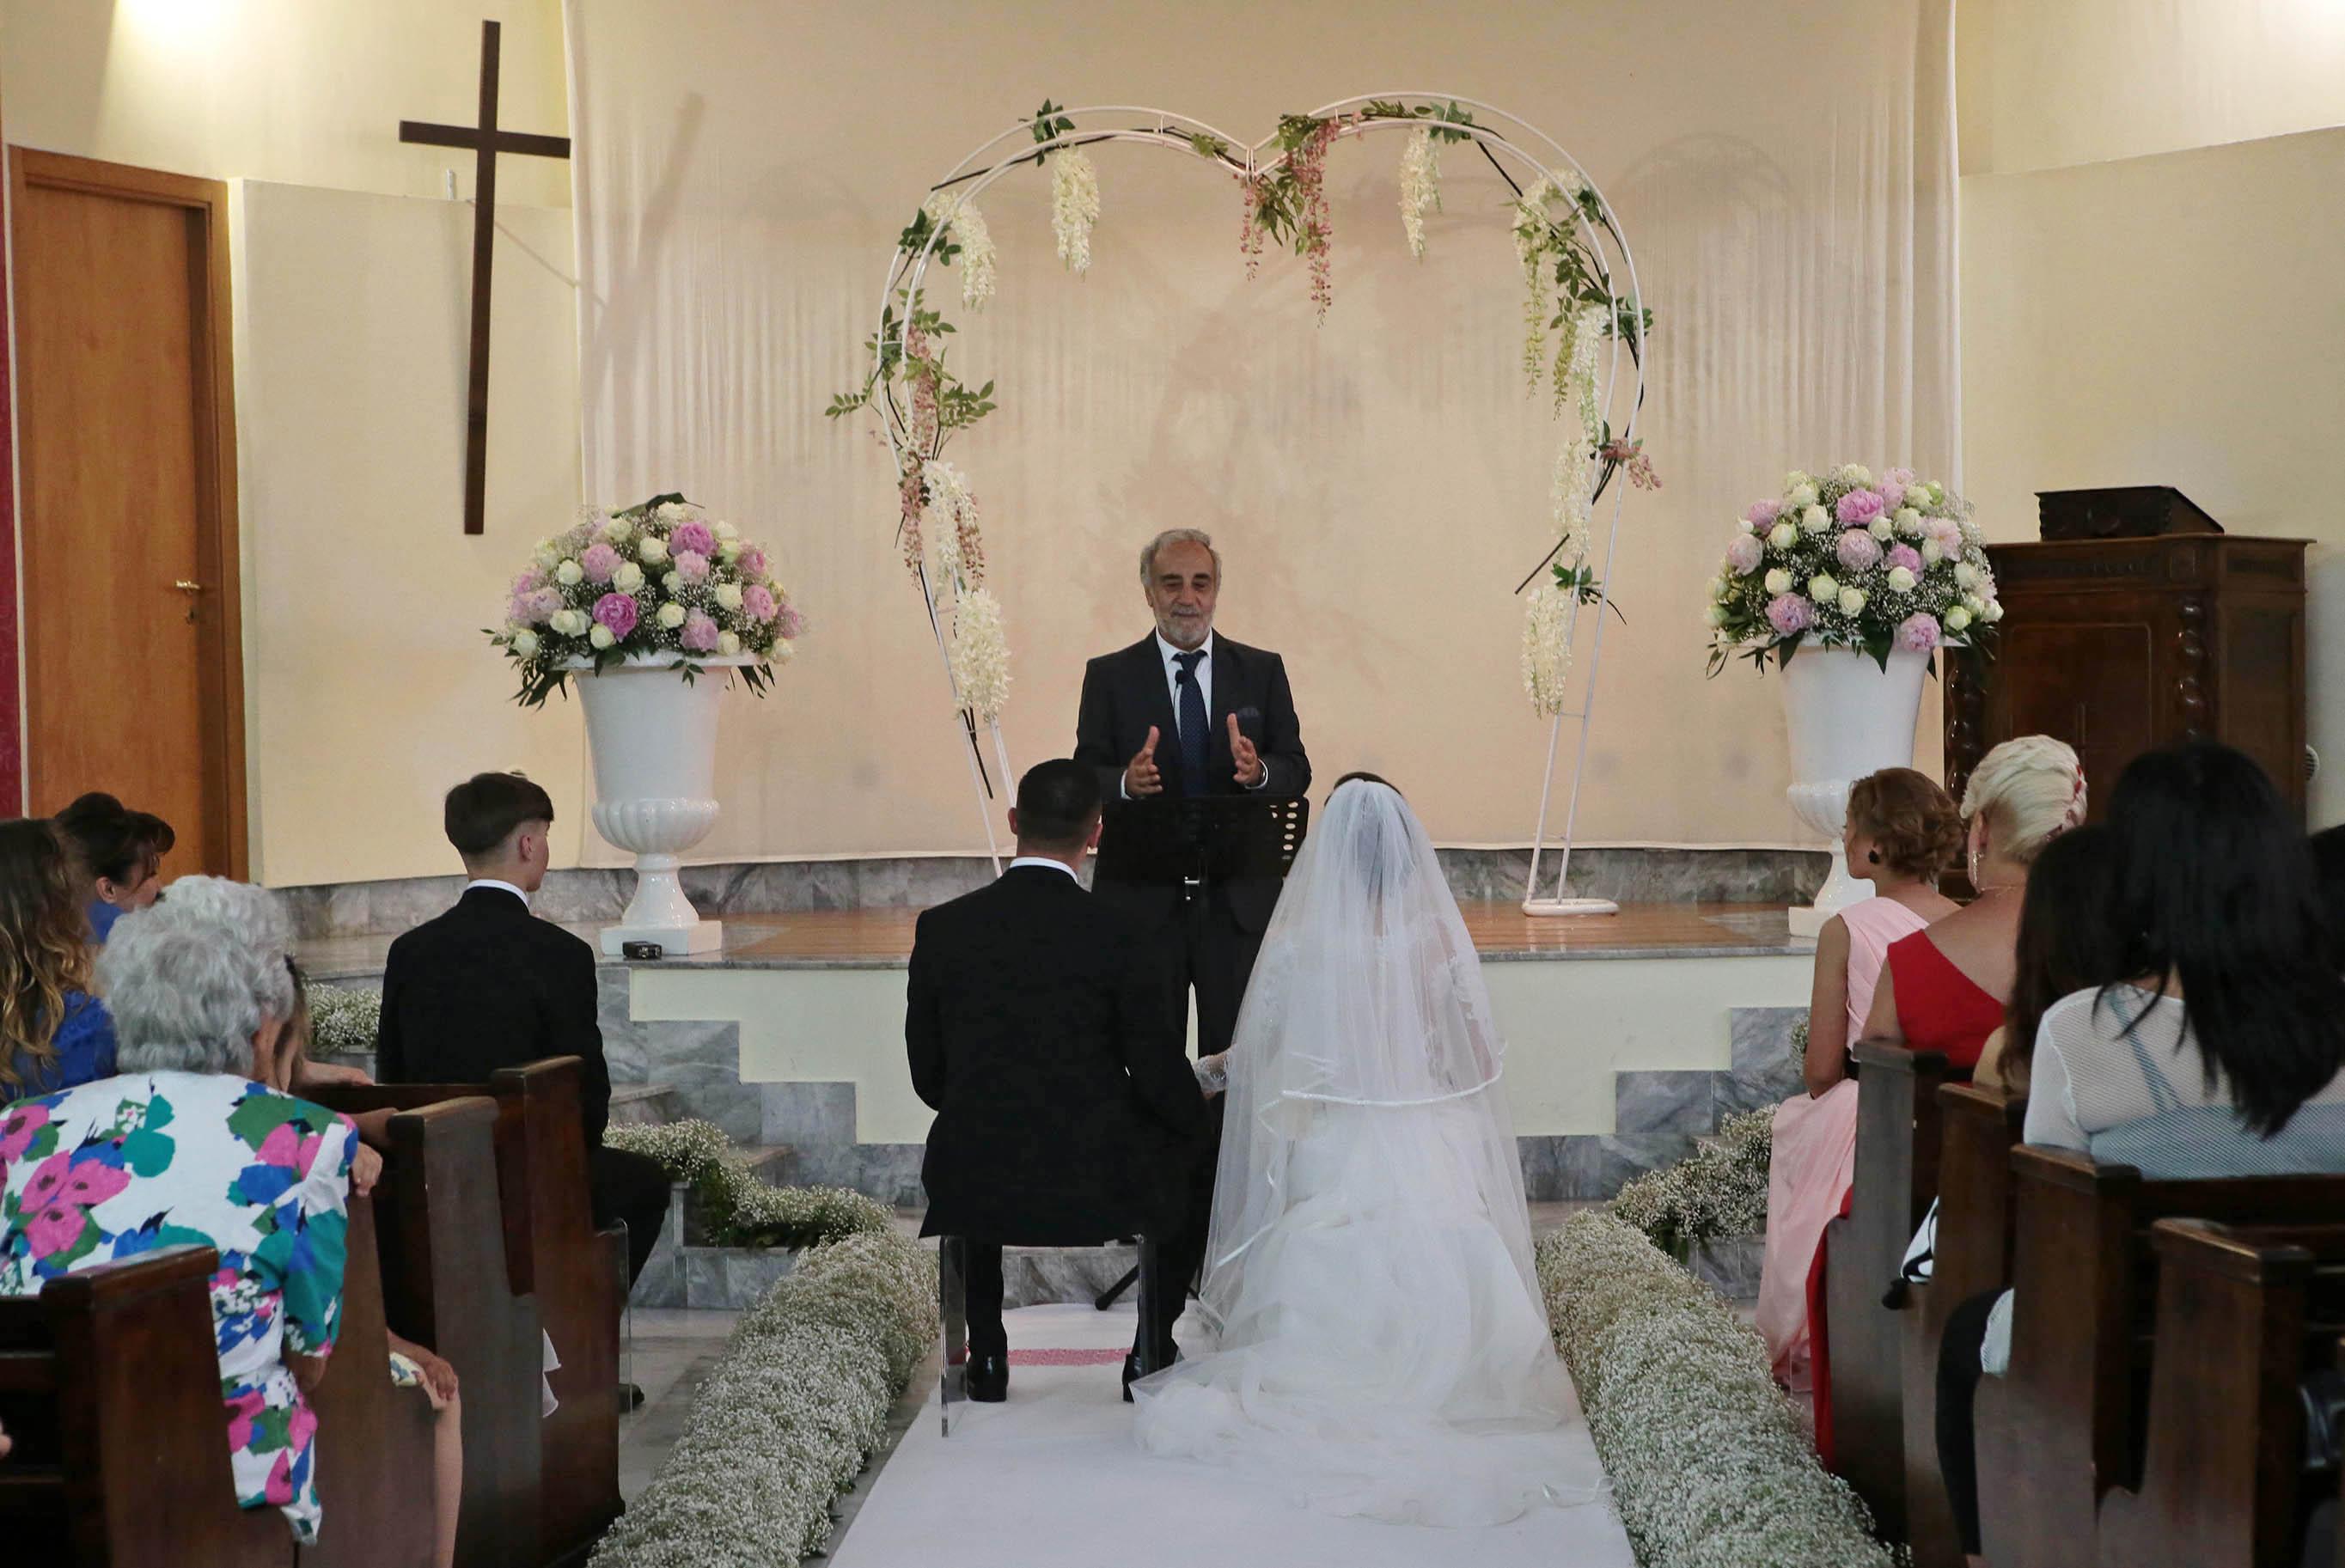 Matrimonio Bohemian Napoli : Napoli matrimonio